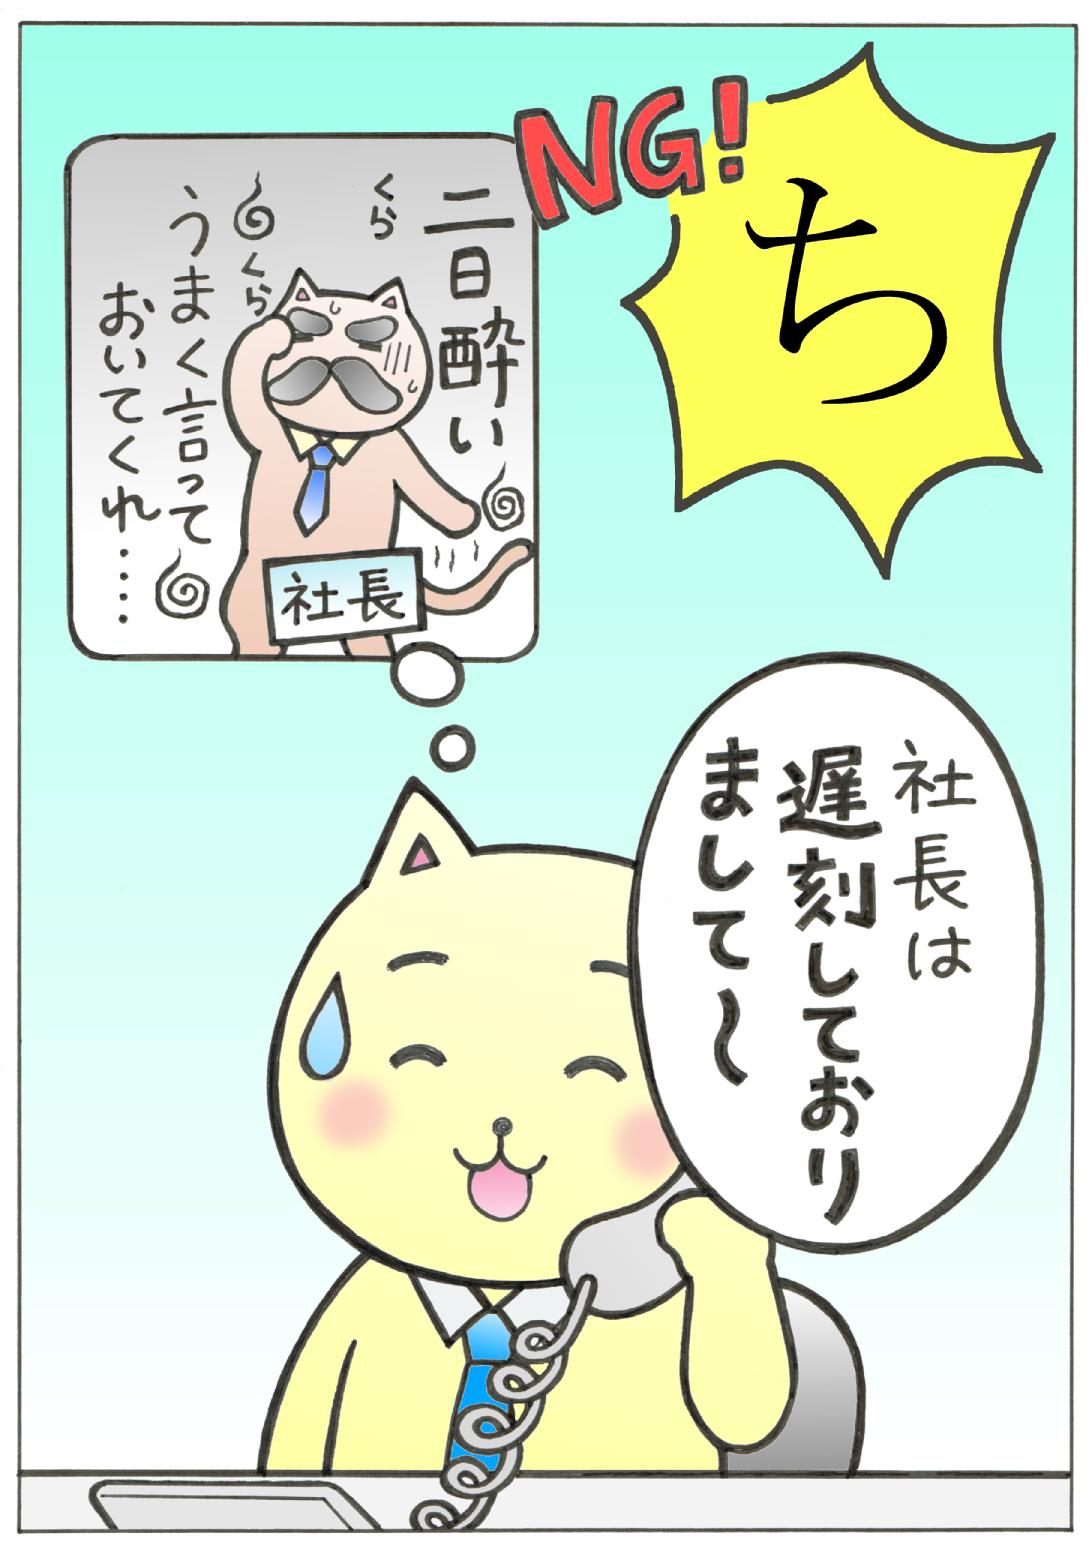 NGな言葉遣い_ち